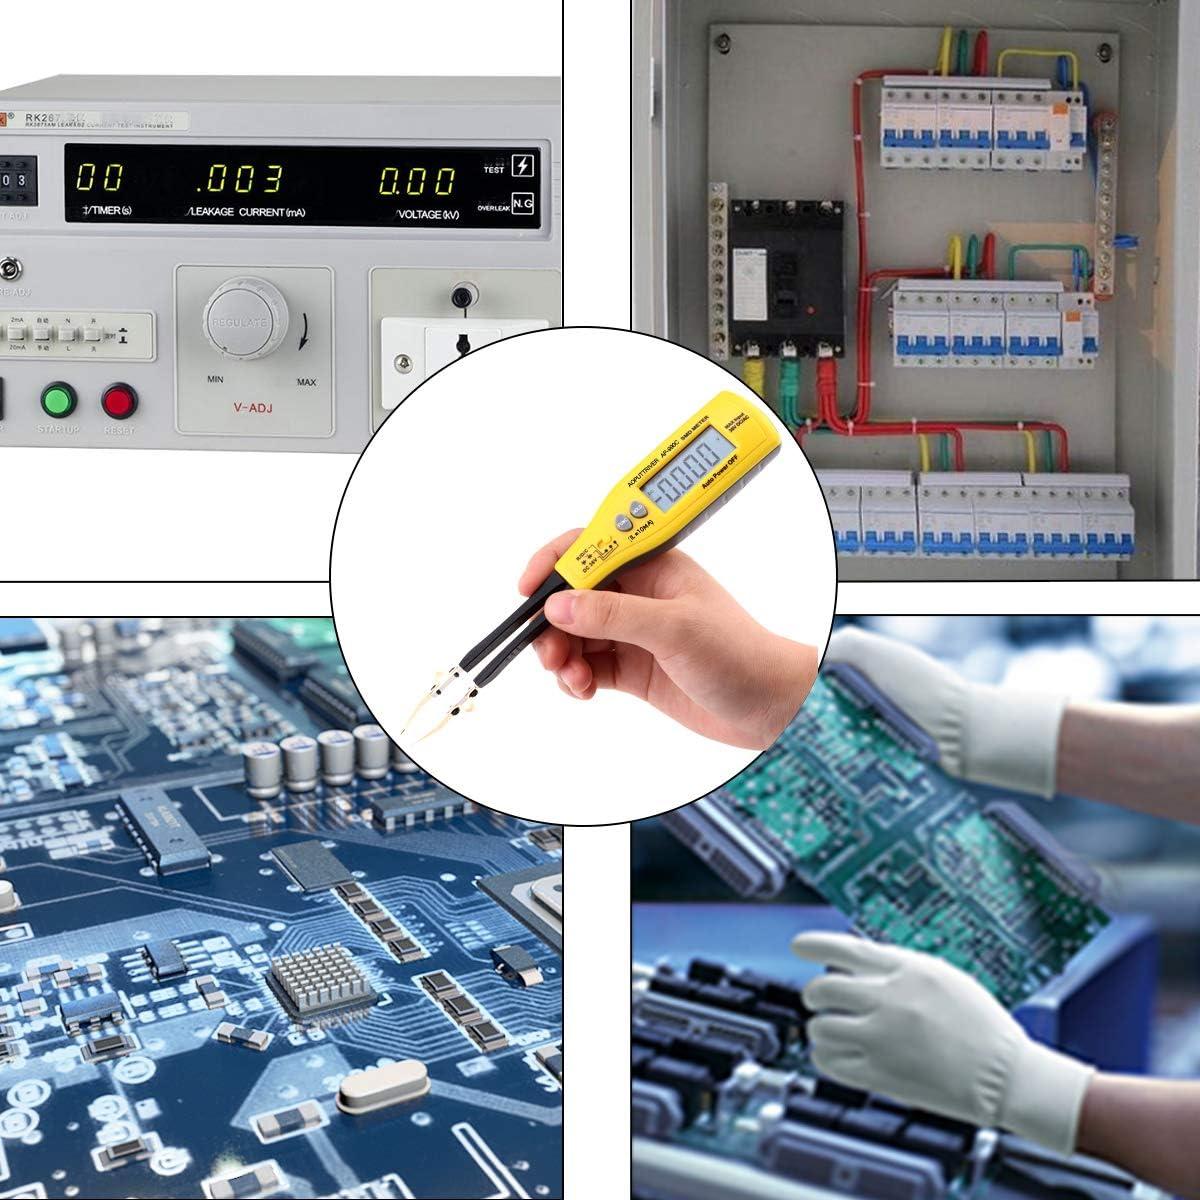 Tension avec Test de Diode//Sonnerie de Continuit/é//Arr/êt Auto Smart SMD Testeur Num/érique AP-990C Multim/ètre Testeur Pince Clips de Test Intelligents Affichage 5999 Points pour Capacitance,R/ésistance